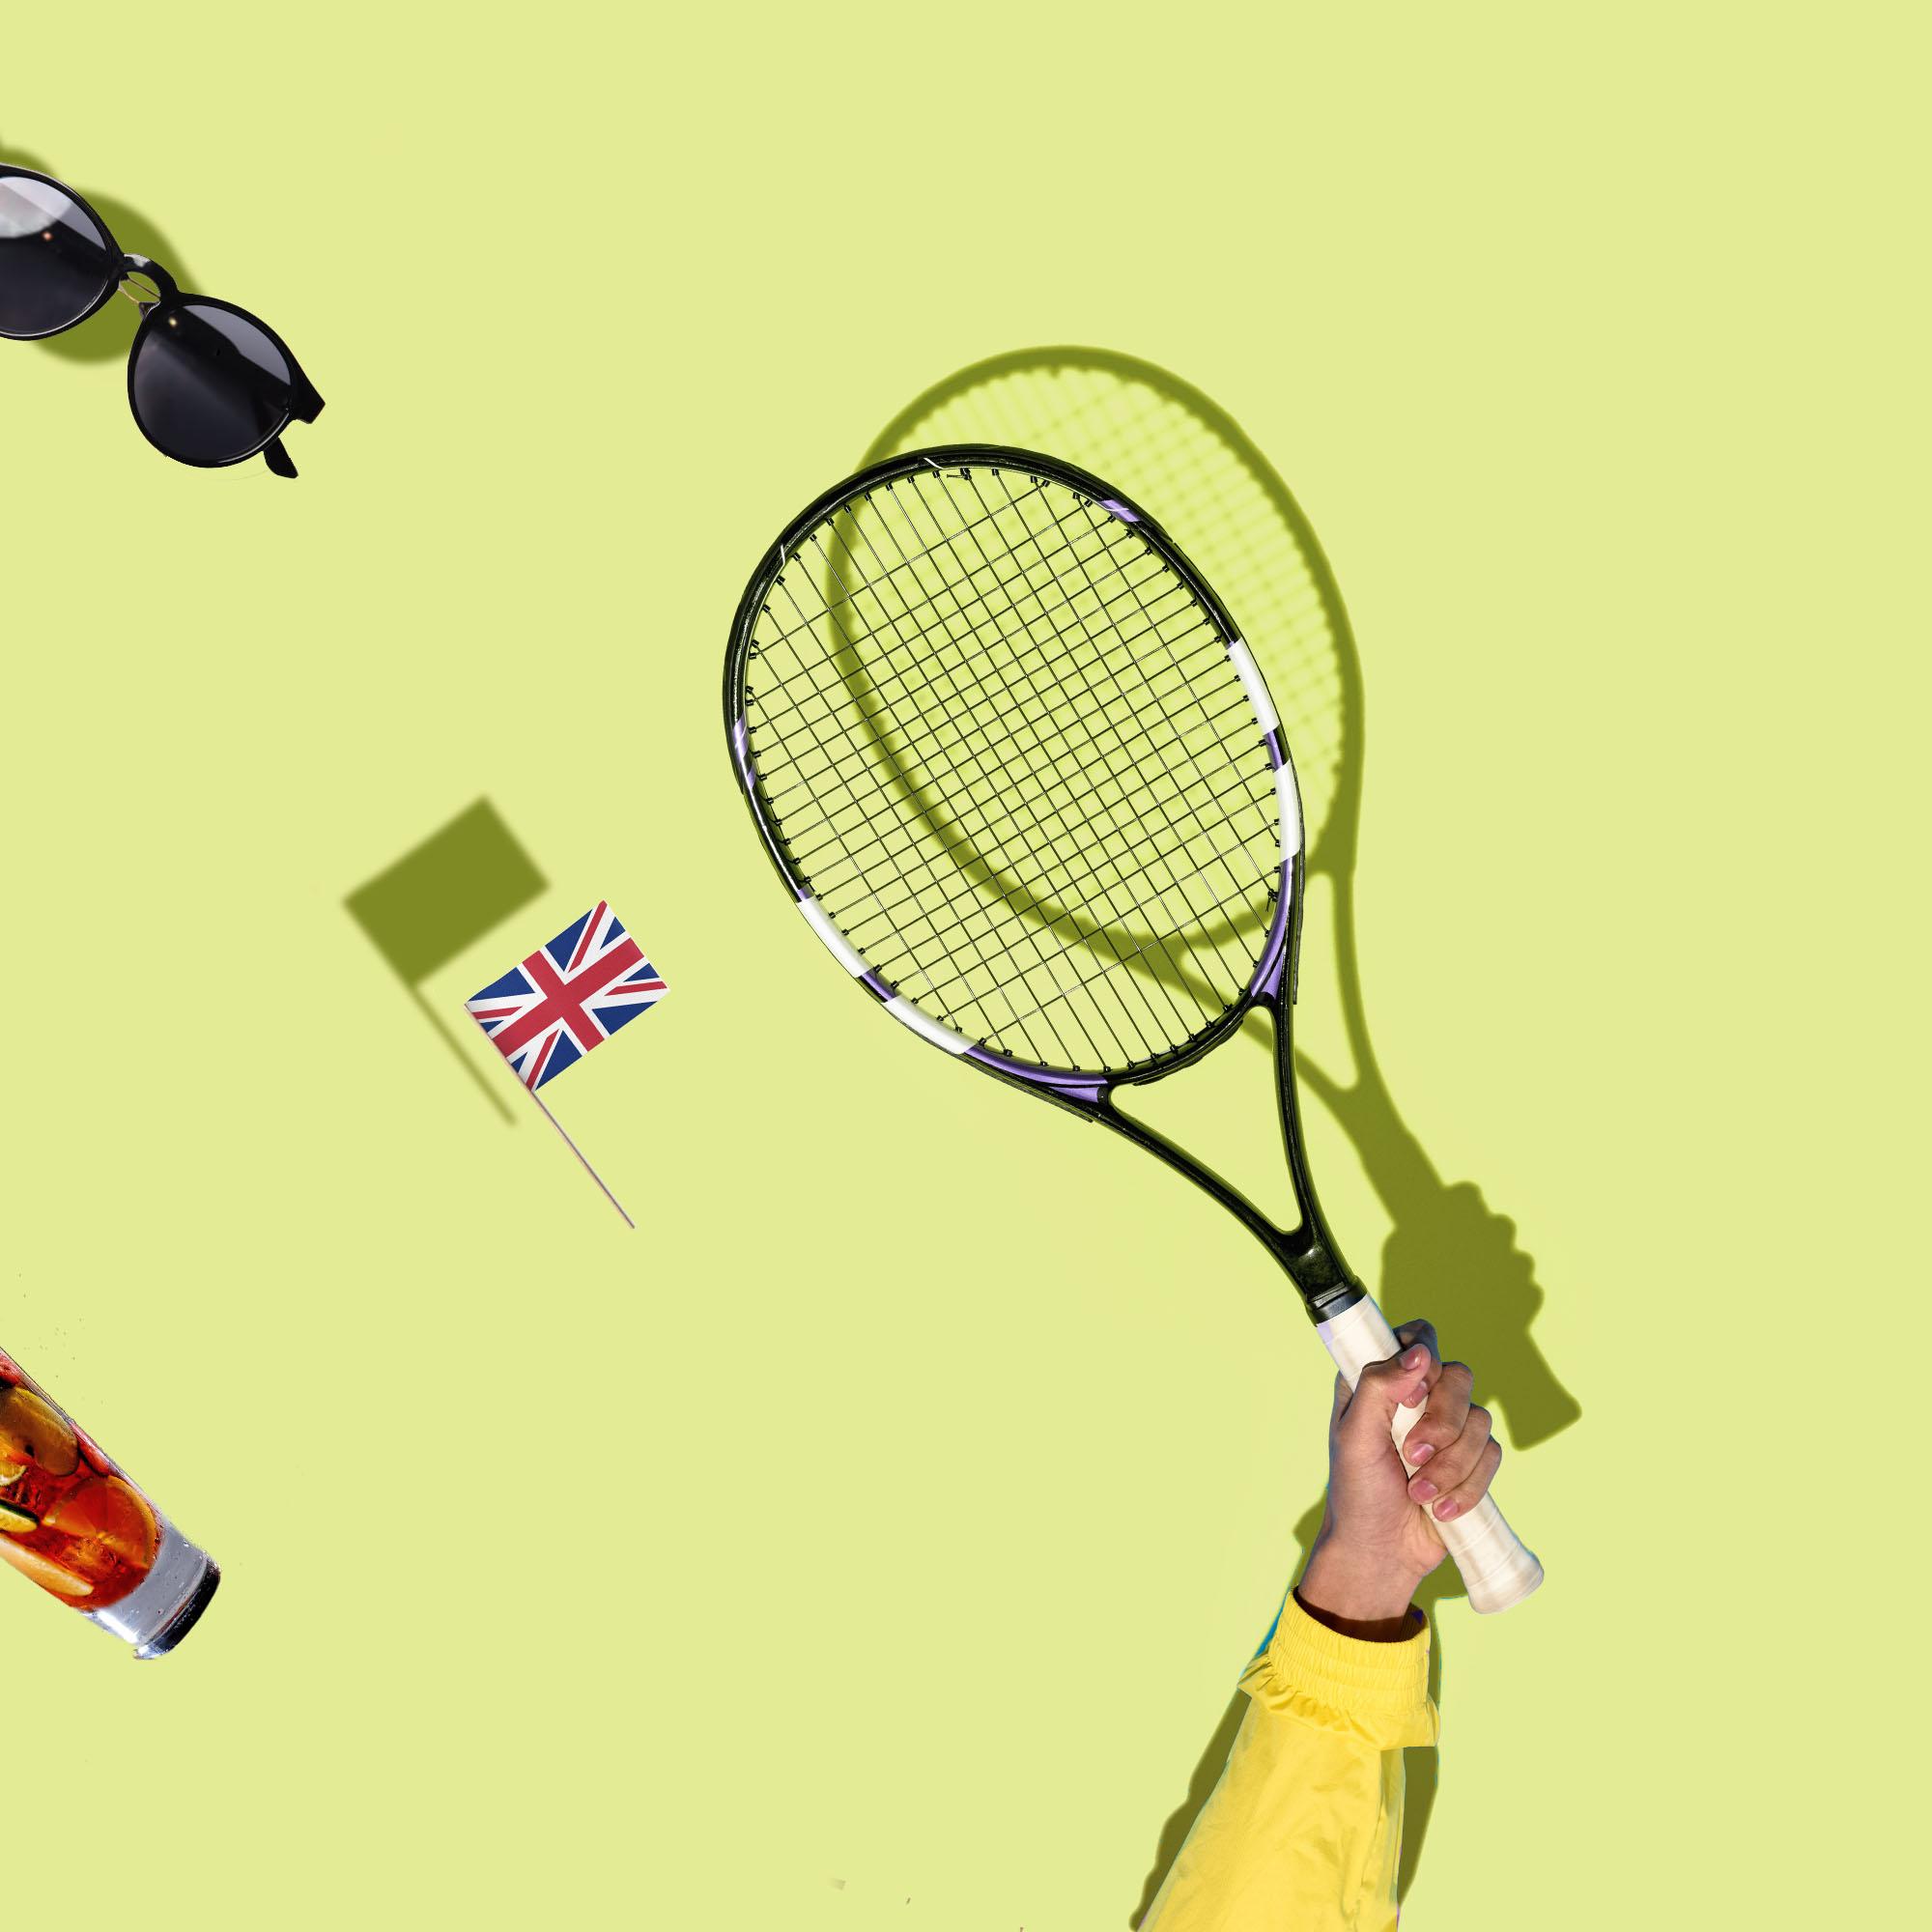 OPPO_Wimbledon_A3.jpg